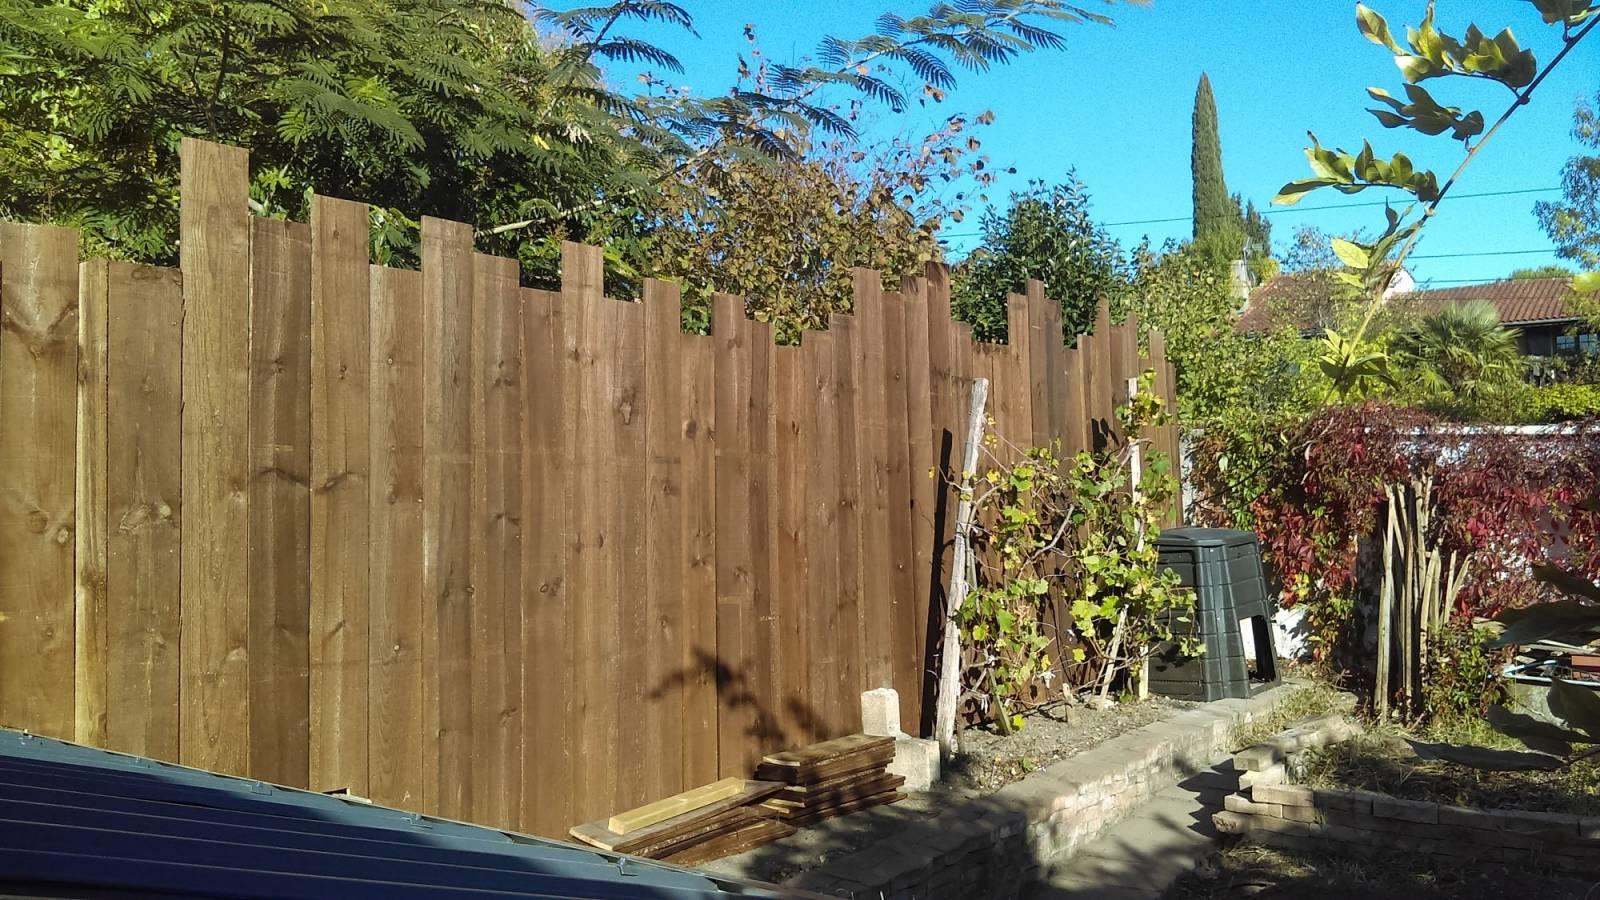 paysagiste pour pose de cl ture en bois saint aubin de m doc am nagement de jardin par un. Black Bedroom Furniture Sets. Home Design Ideas